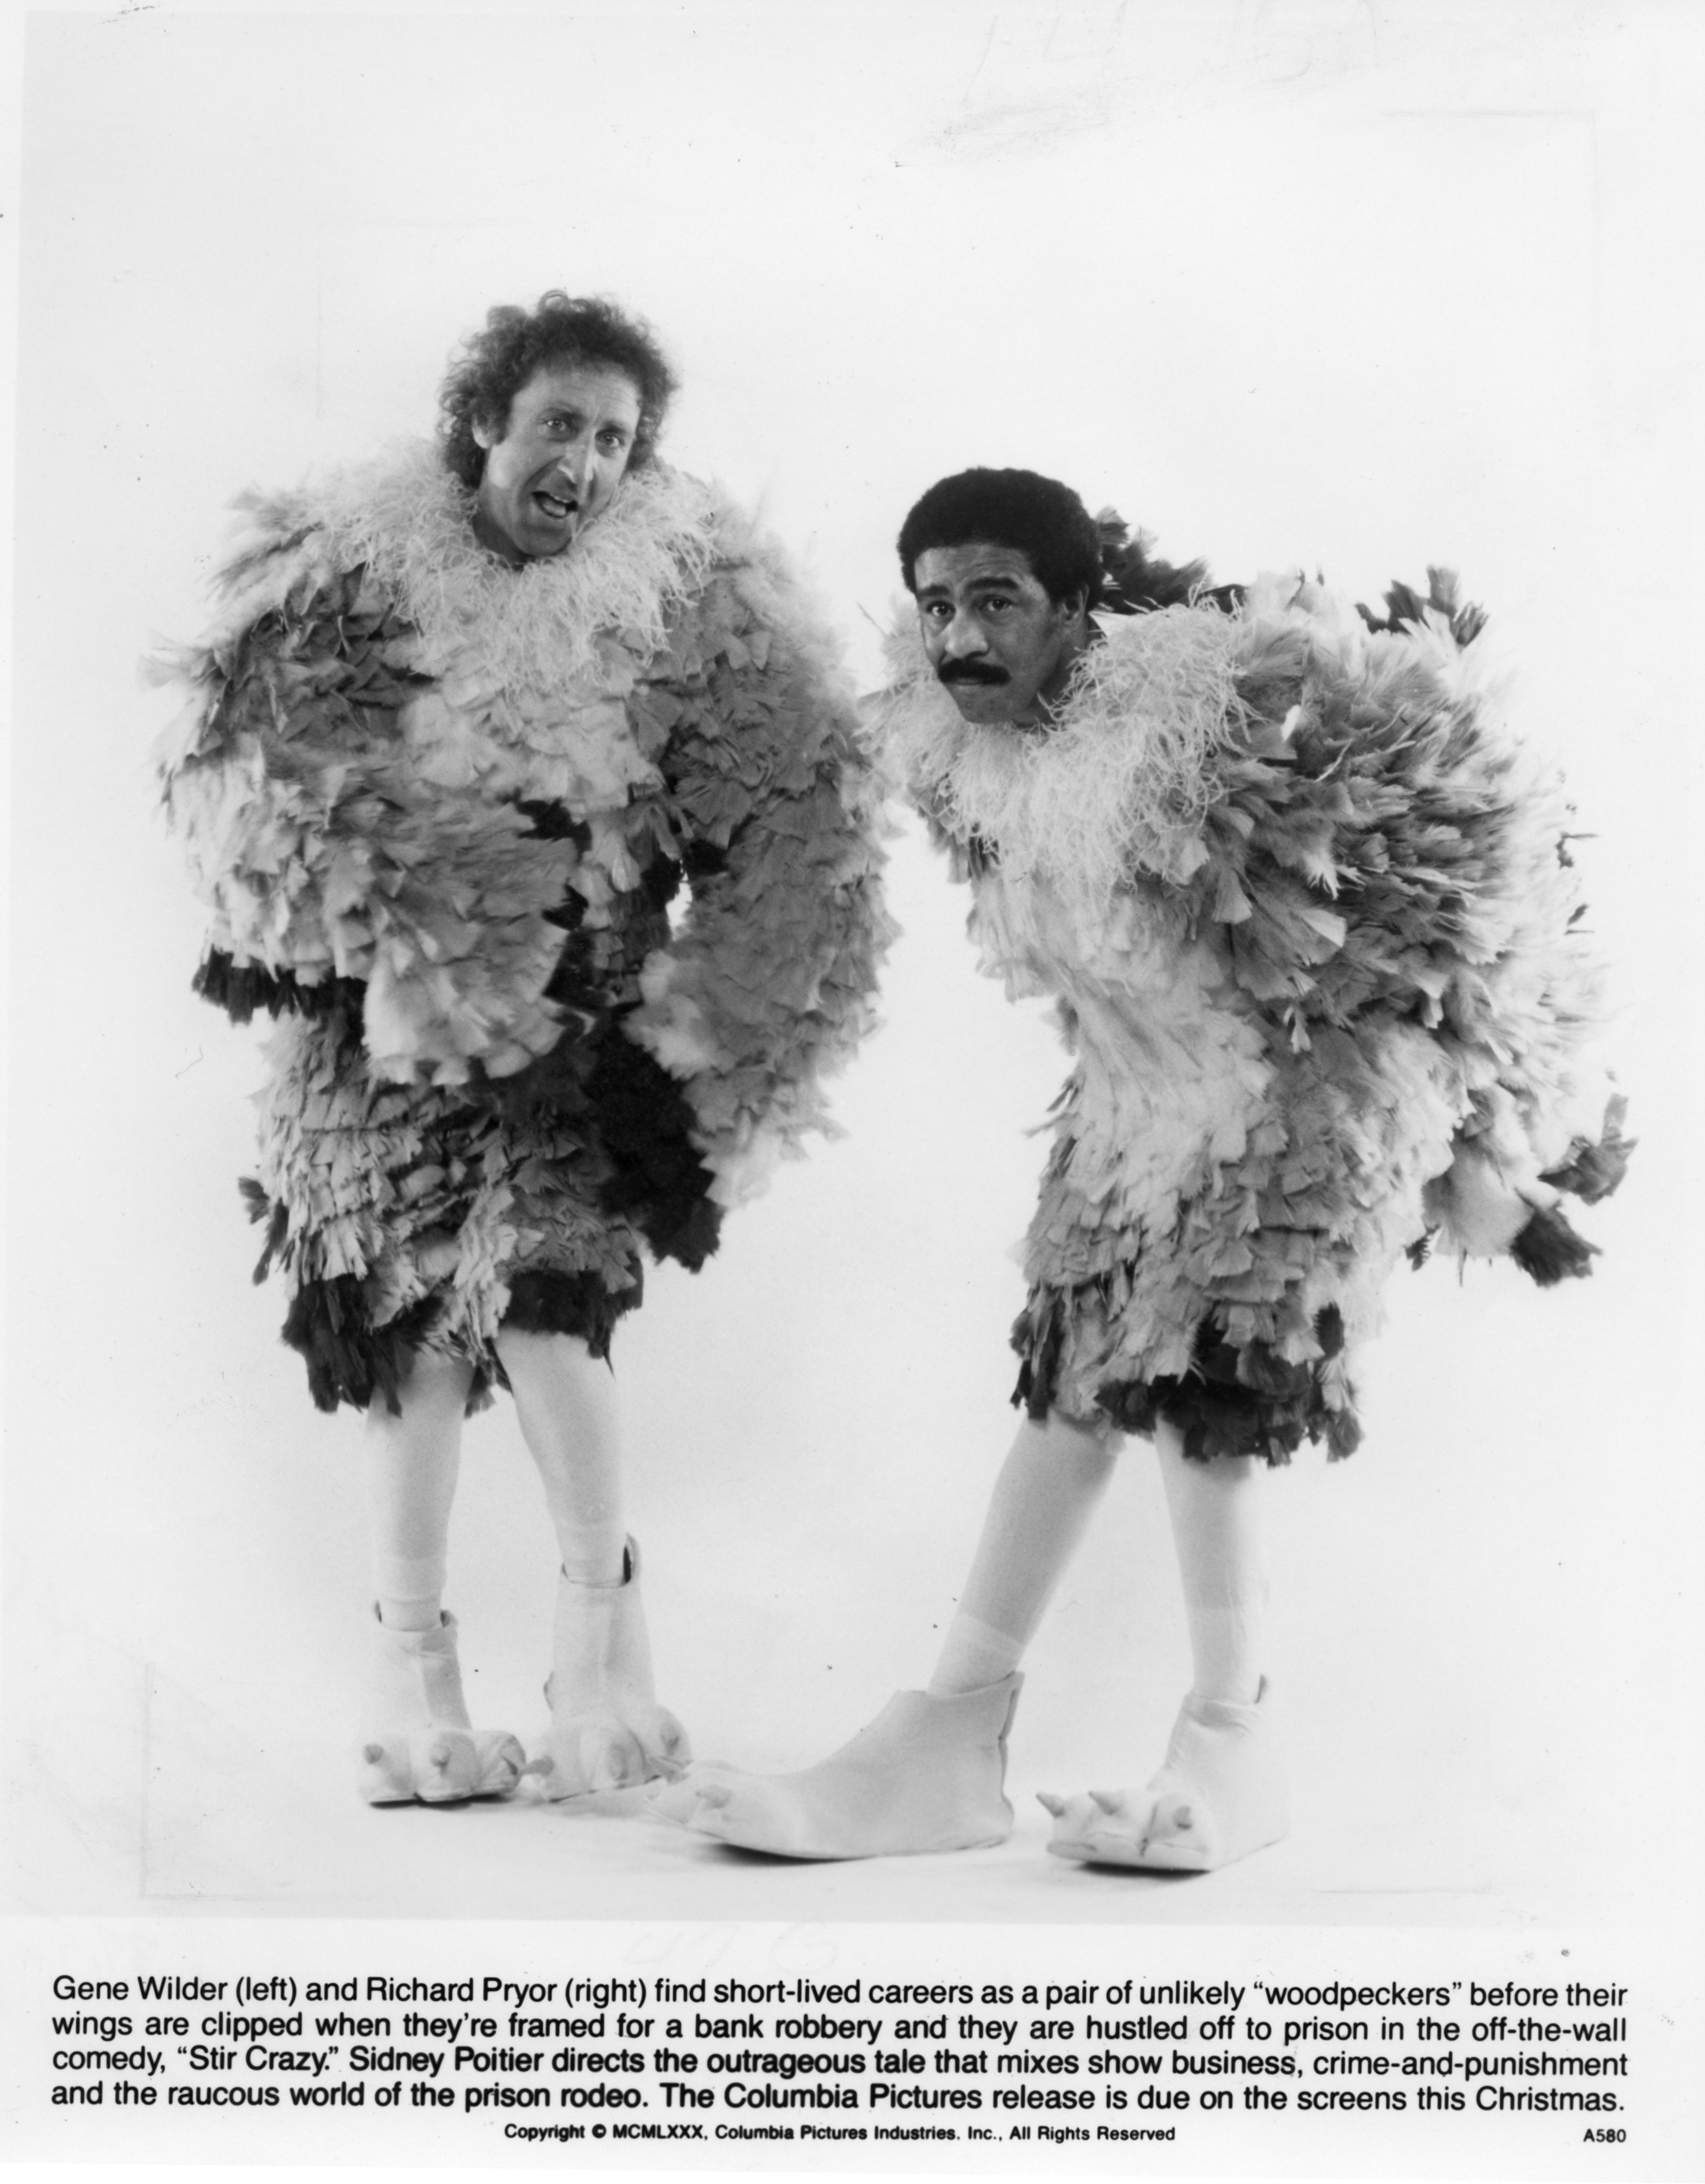 Gene Wilder and Richard Pryo